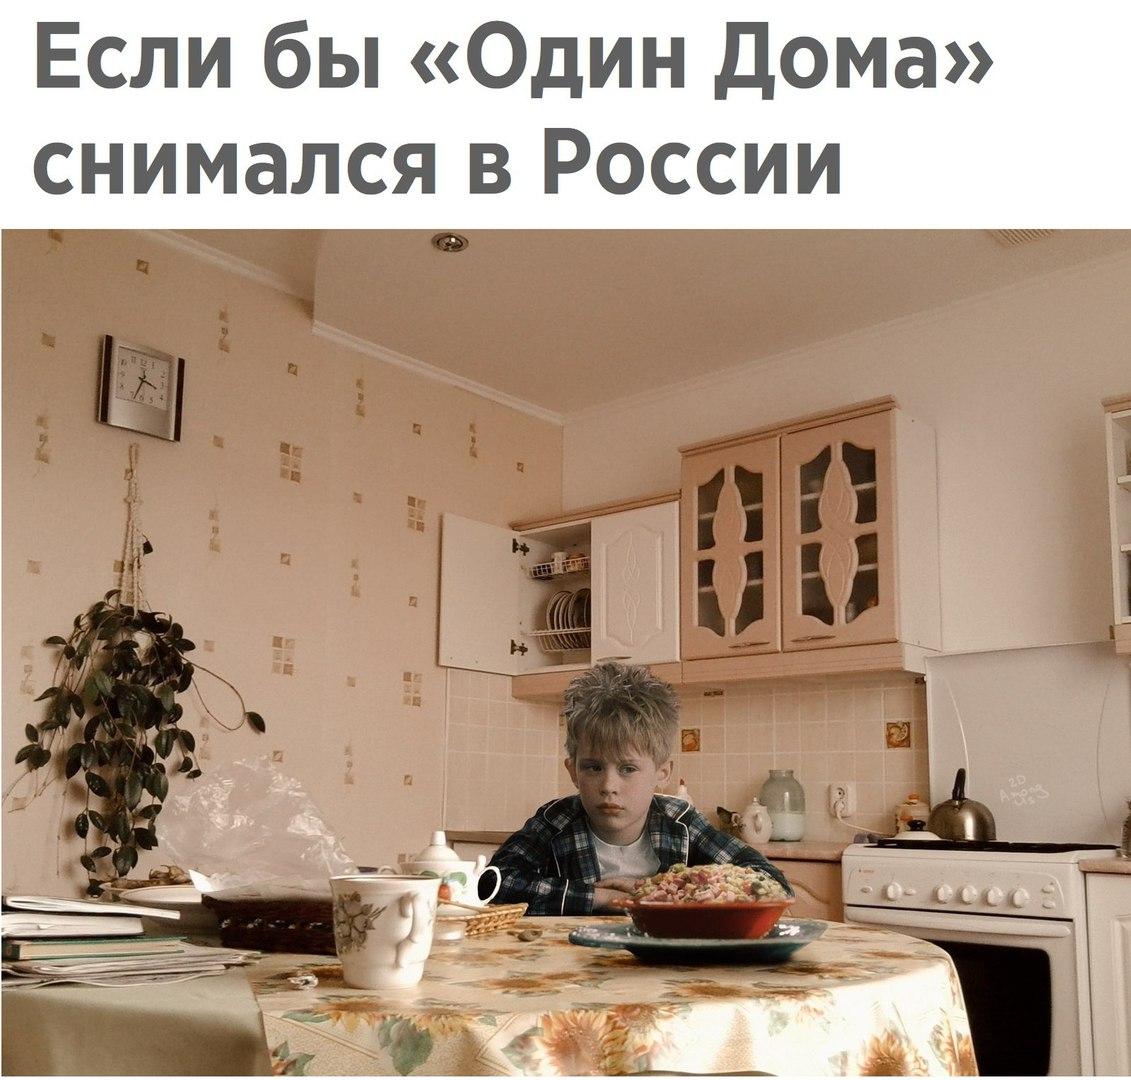 Демотиватор муж один дома